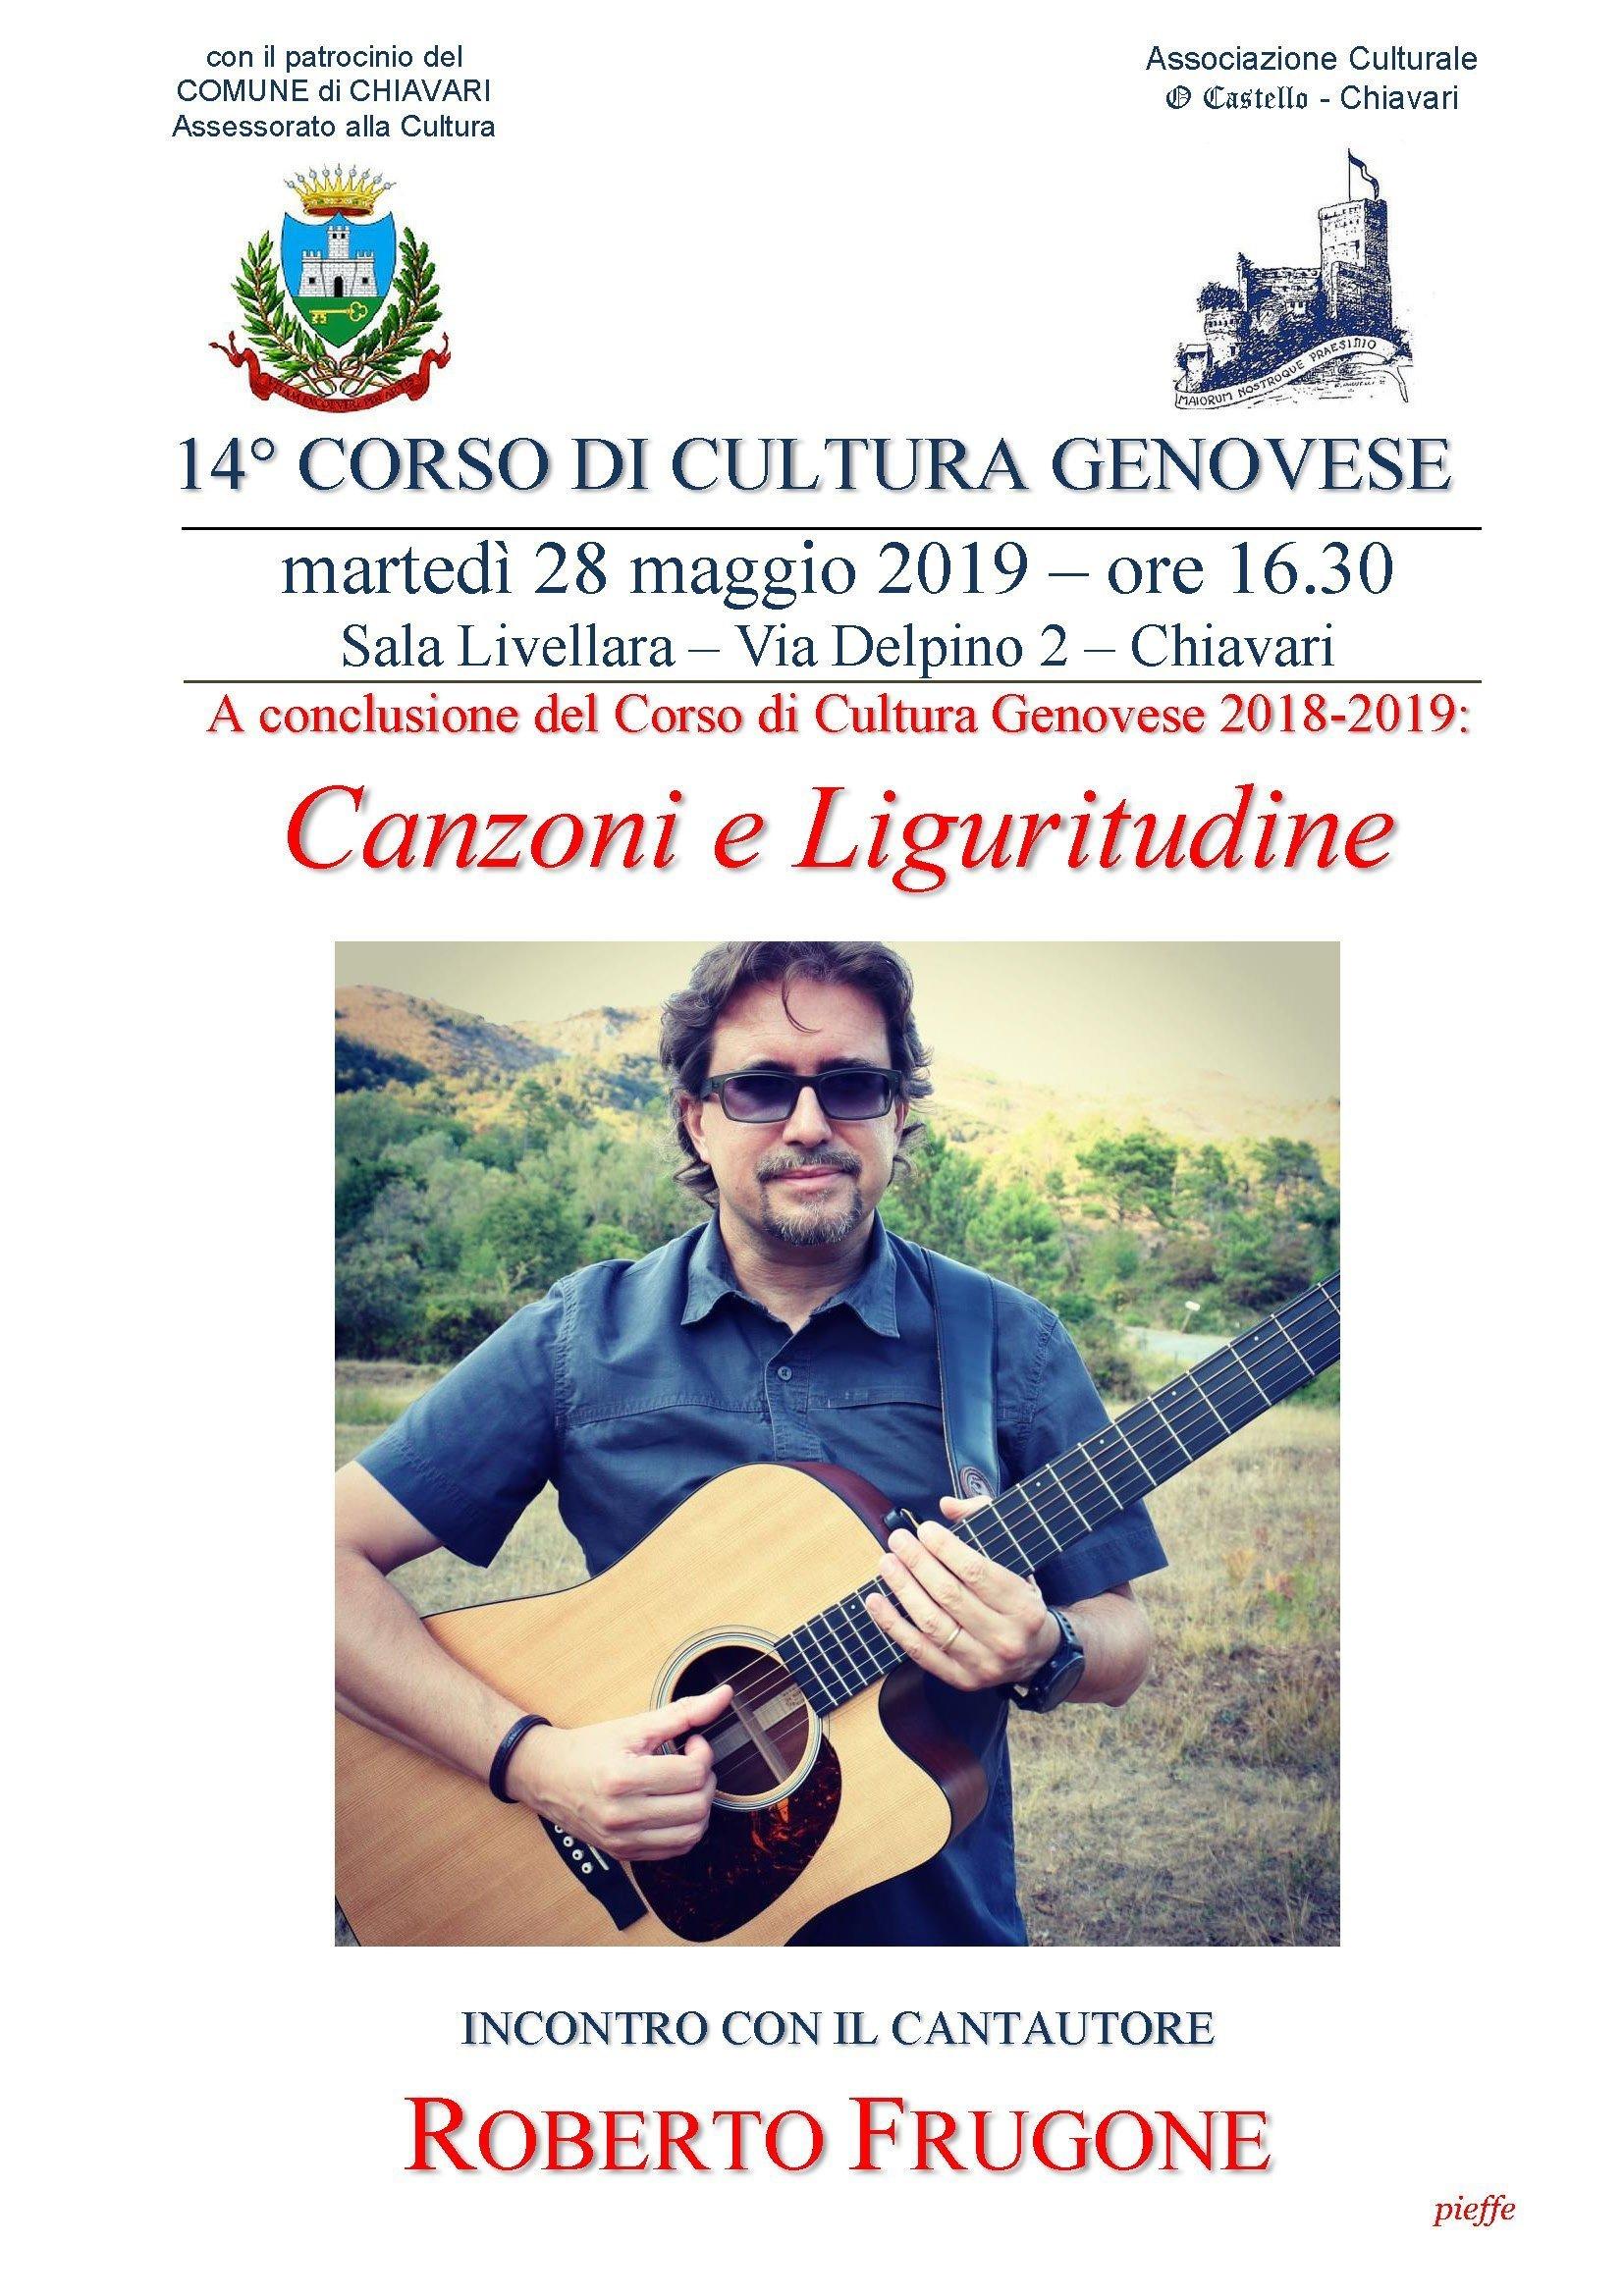 Associazione Culturale O Castello - Canzoni e Liguritudine, incontro con il cantautore Roberto Frugone